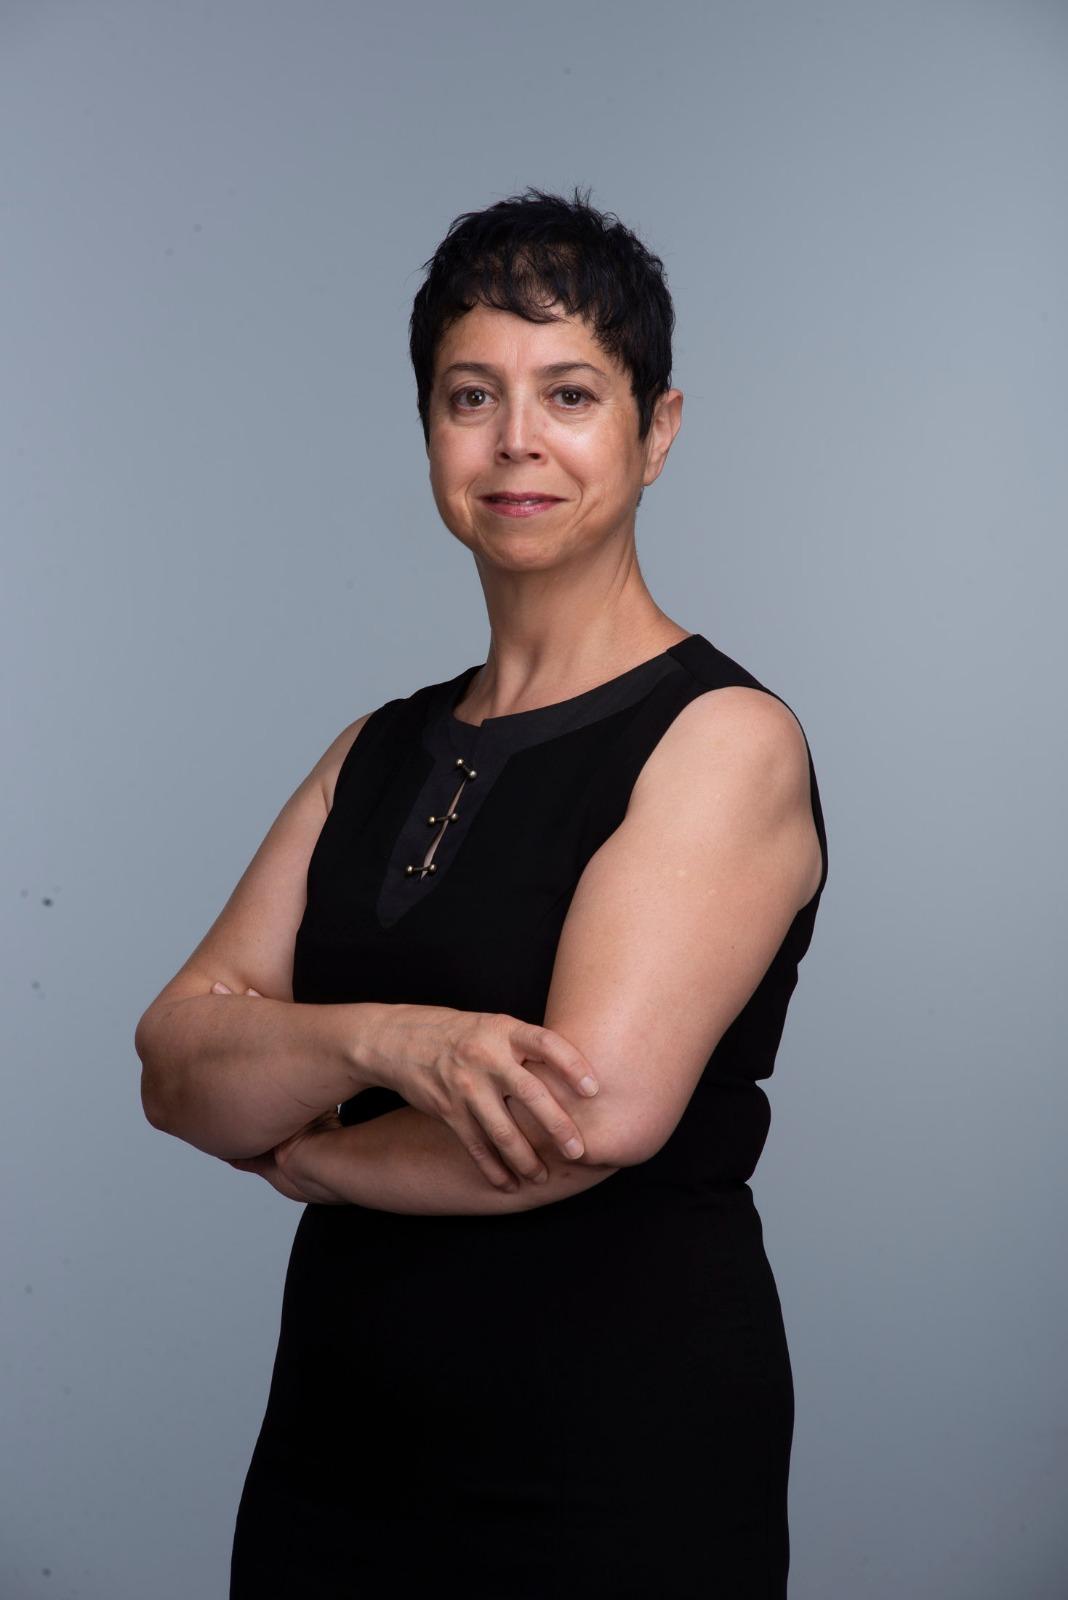 Meriç Cınbarcı - İnsan Kaynakları DirektörüYaratıcı Drama Hikaye Anlatıcılığı UzmanıEğitim ve Gelişim Danışmanı